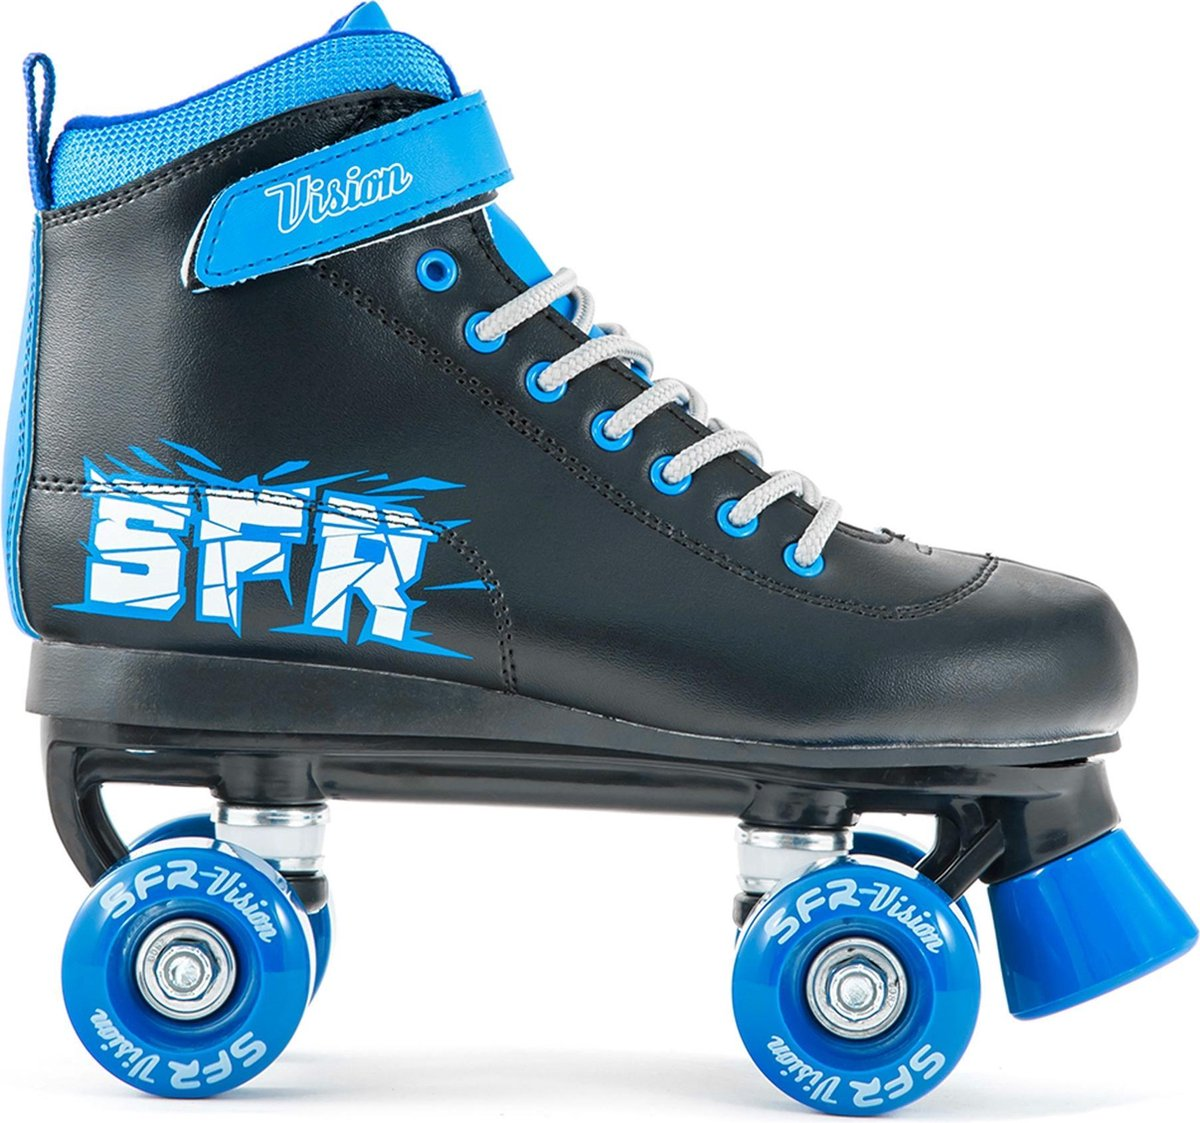 Rolschaatsen SFR Vision II blauw - Maat 38